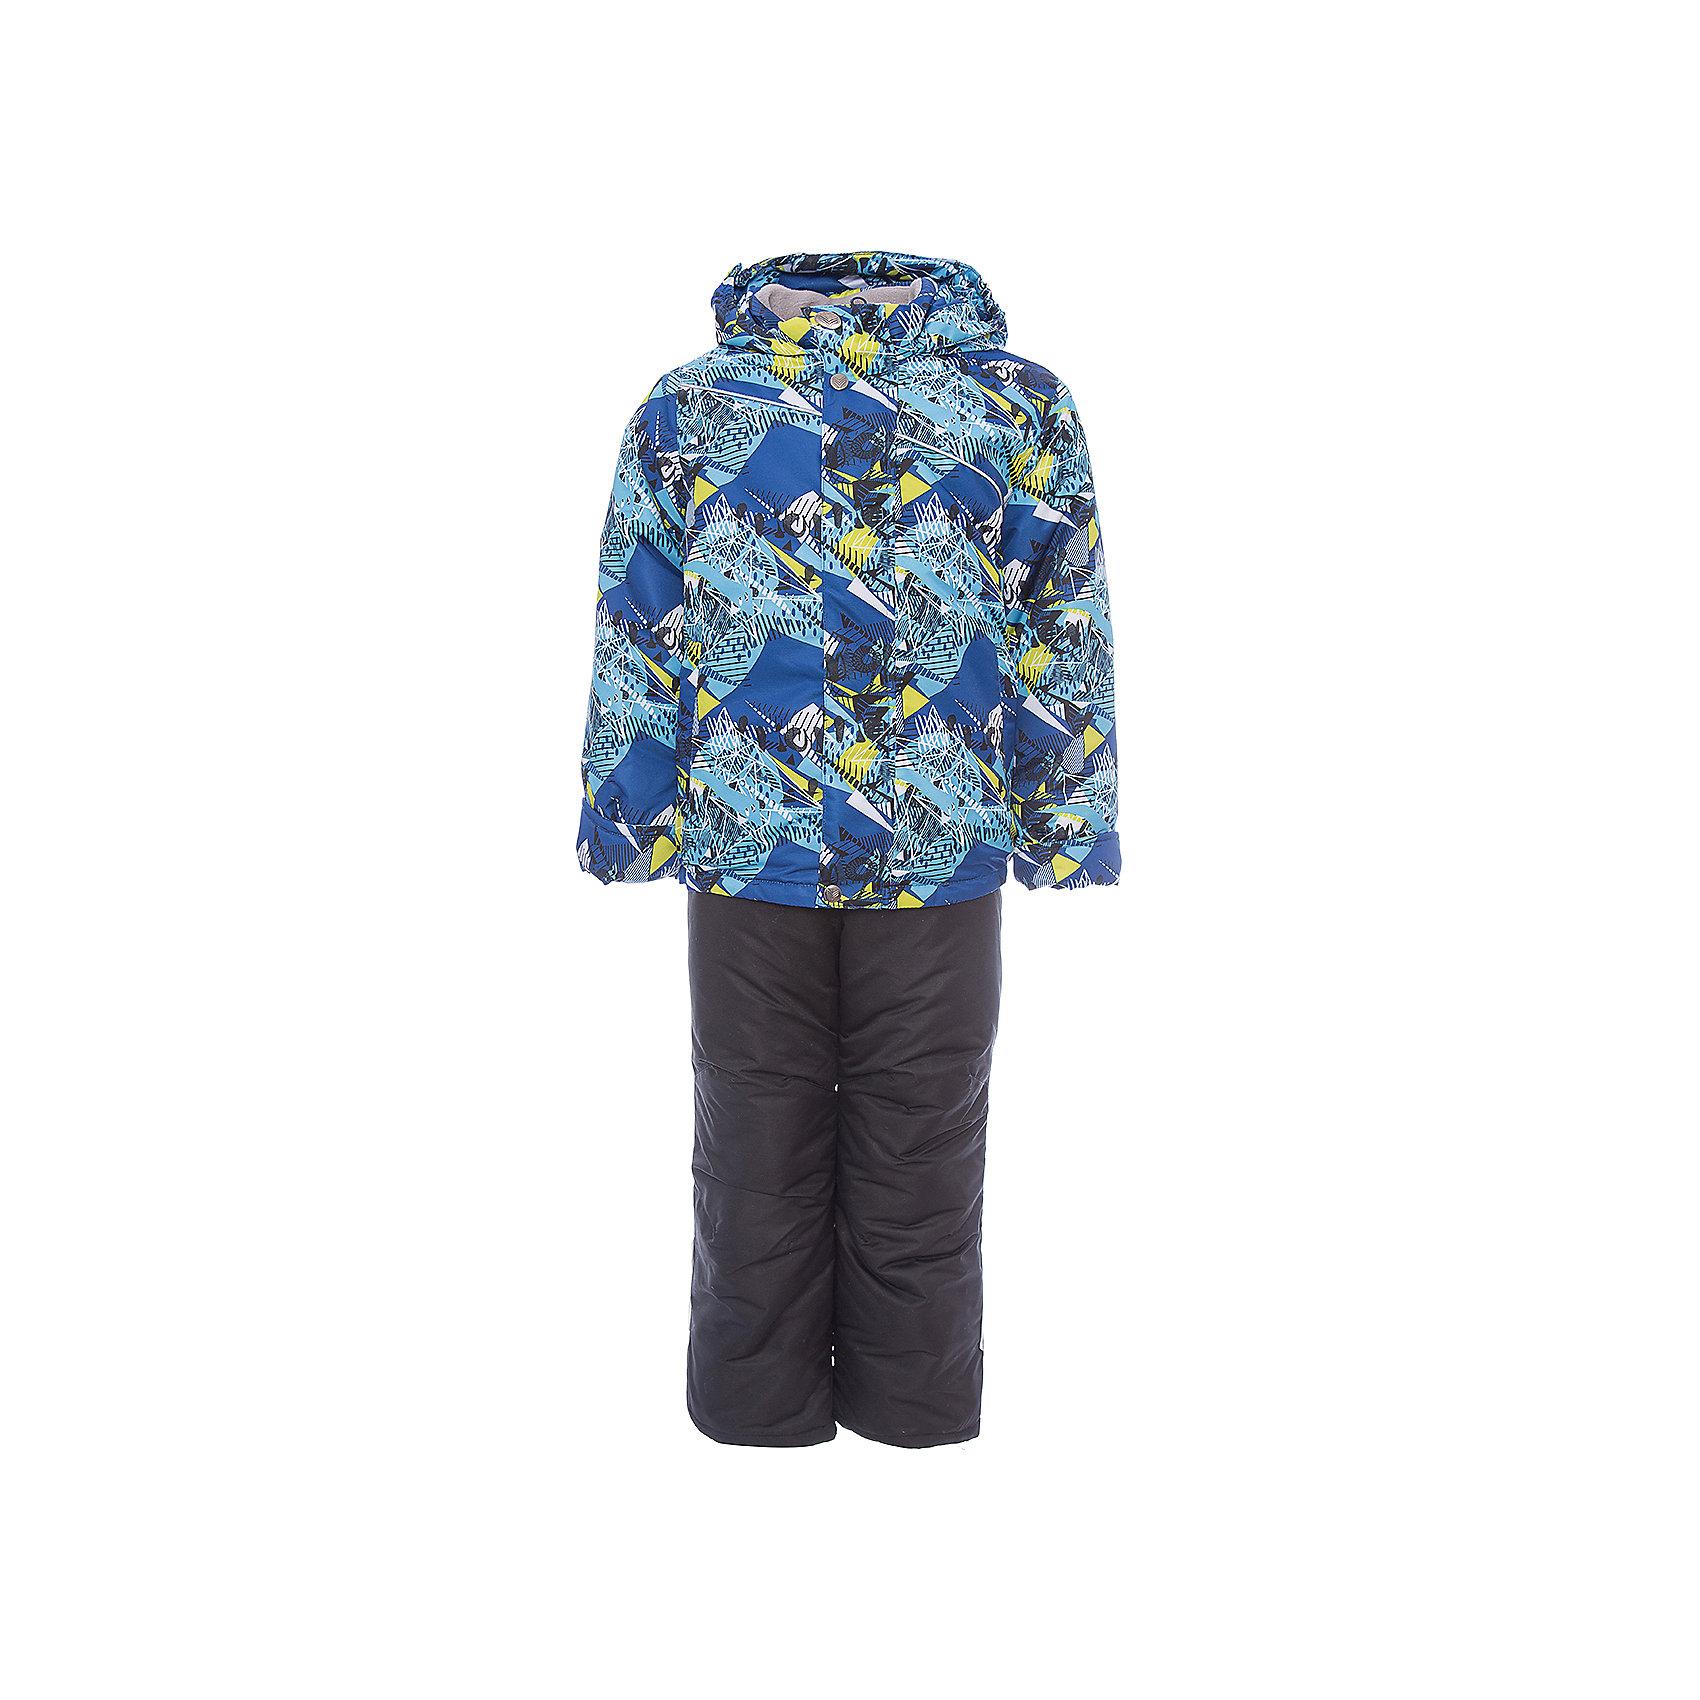 Комплект: куртка и полукомбинезон Альпик OLDOS для мальчикаВерхняя одежда<br>Характеристики товара:<br><br>• цвет: синий<br>• комплектация: куртка и полукомбинезон<br>• состав ткани: полиэстер<br>• подкладка: флис<br>• утеплитель: Hollofan <br>• сезон: зима<br>• мембранное покрытие<br>• температурный режим: от -30 до 0<br>• водонепроницаемость: 3000 мм <br>• паропроницаемость: 3000 г/м2<br>• плотность утеплителя: куртка - 300 г/м2, полукомбинезон - 150 г/м2<br>• застежка: молния<br>• капюшон: без меха, несъемный<br>• страна бренда: Россия<br>• страна изготовитель: Россия<br><br>Модный комплект для мальчика сделан из легких и прочных материалов. Полукомбинезон дополнен удобными эластичными регулируемыми подтяжками, по талии - резинка. Куртка из зимнего комплекта имеет рукава с отворотом и внутренней трикотажной саморегулирующейся манжетой. <br><br>Комплект: куртка и полукомбинезон Альпик Oldos (Олдос) для мальчика можно купить в нашем интернет-магазине.<br><br>Ширина мм: 356<br>Глубина мм: 10<br>Высота мм: 245<br>Вес г: 519<br>Цвет: синий<br>Возраст от месяцев: 18<br>Возраст до месяцев: 24<br>Пол: Мужской<br>Возраст: Детский<br>Размер: 92,134,128,122,116,110,104,98<br>SKU: 7016513